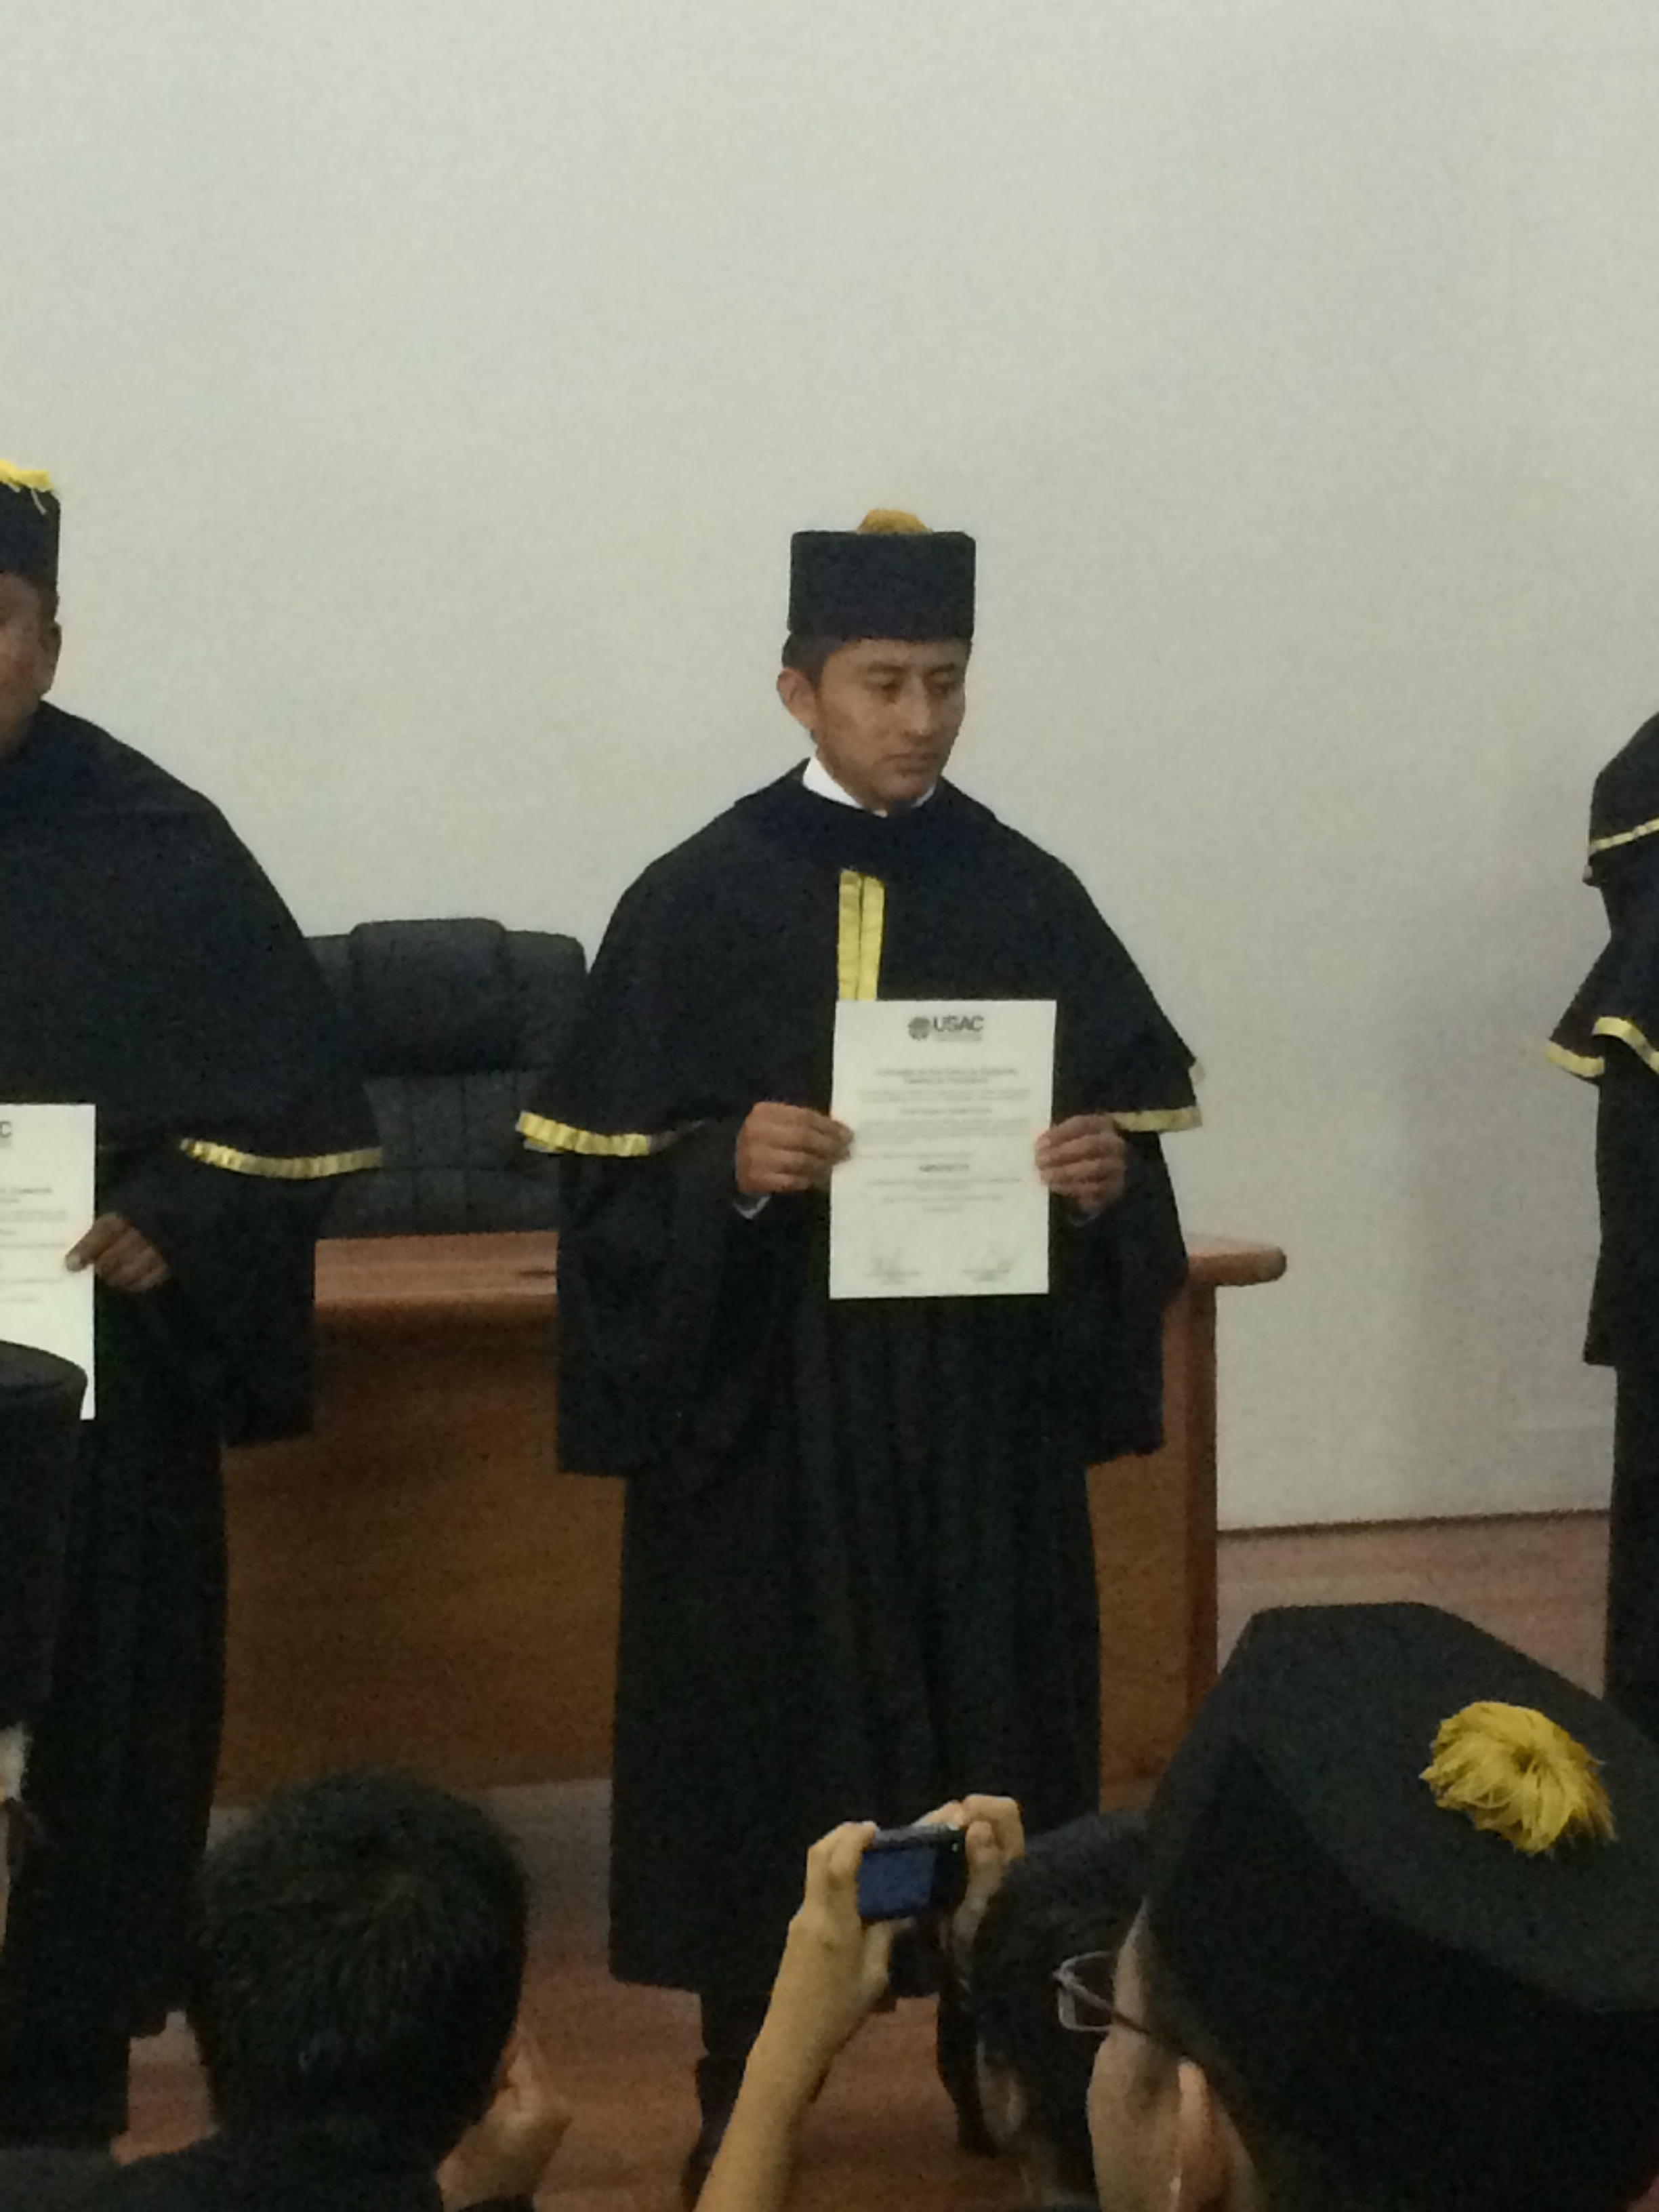 Oscar with his diploma